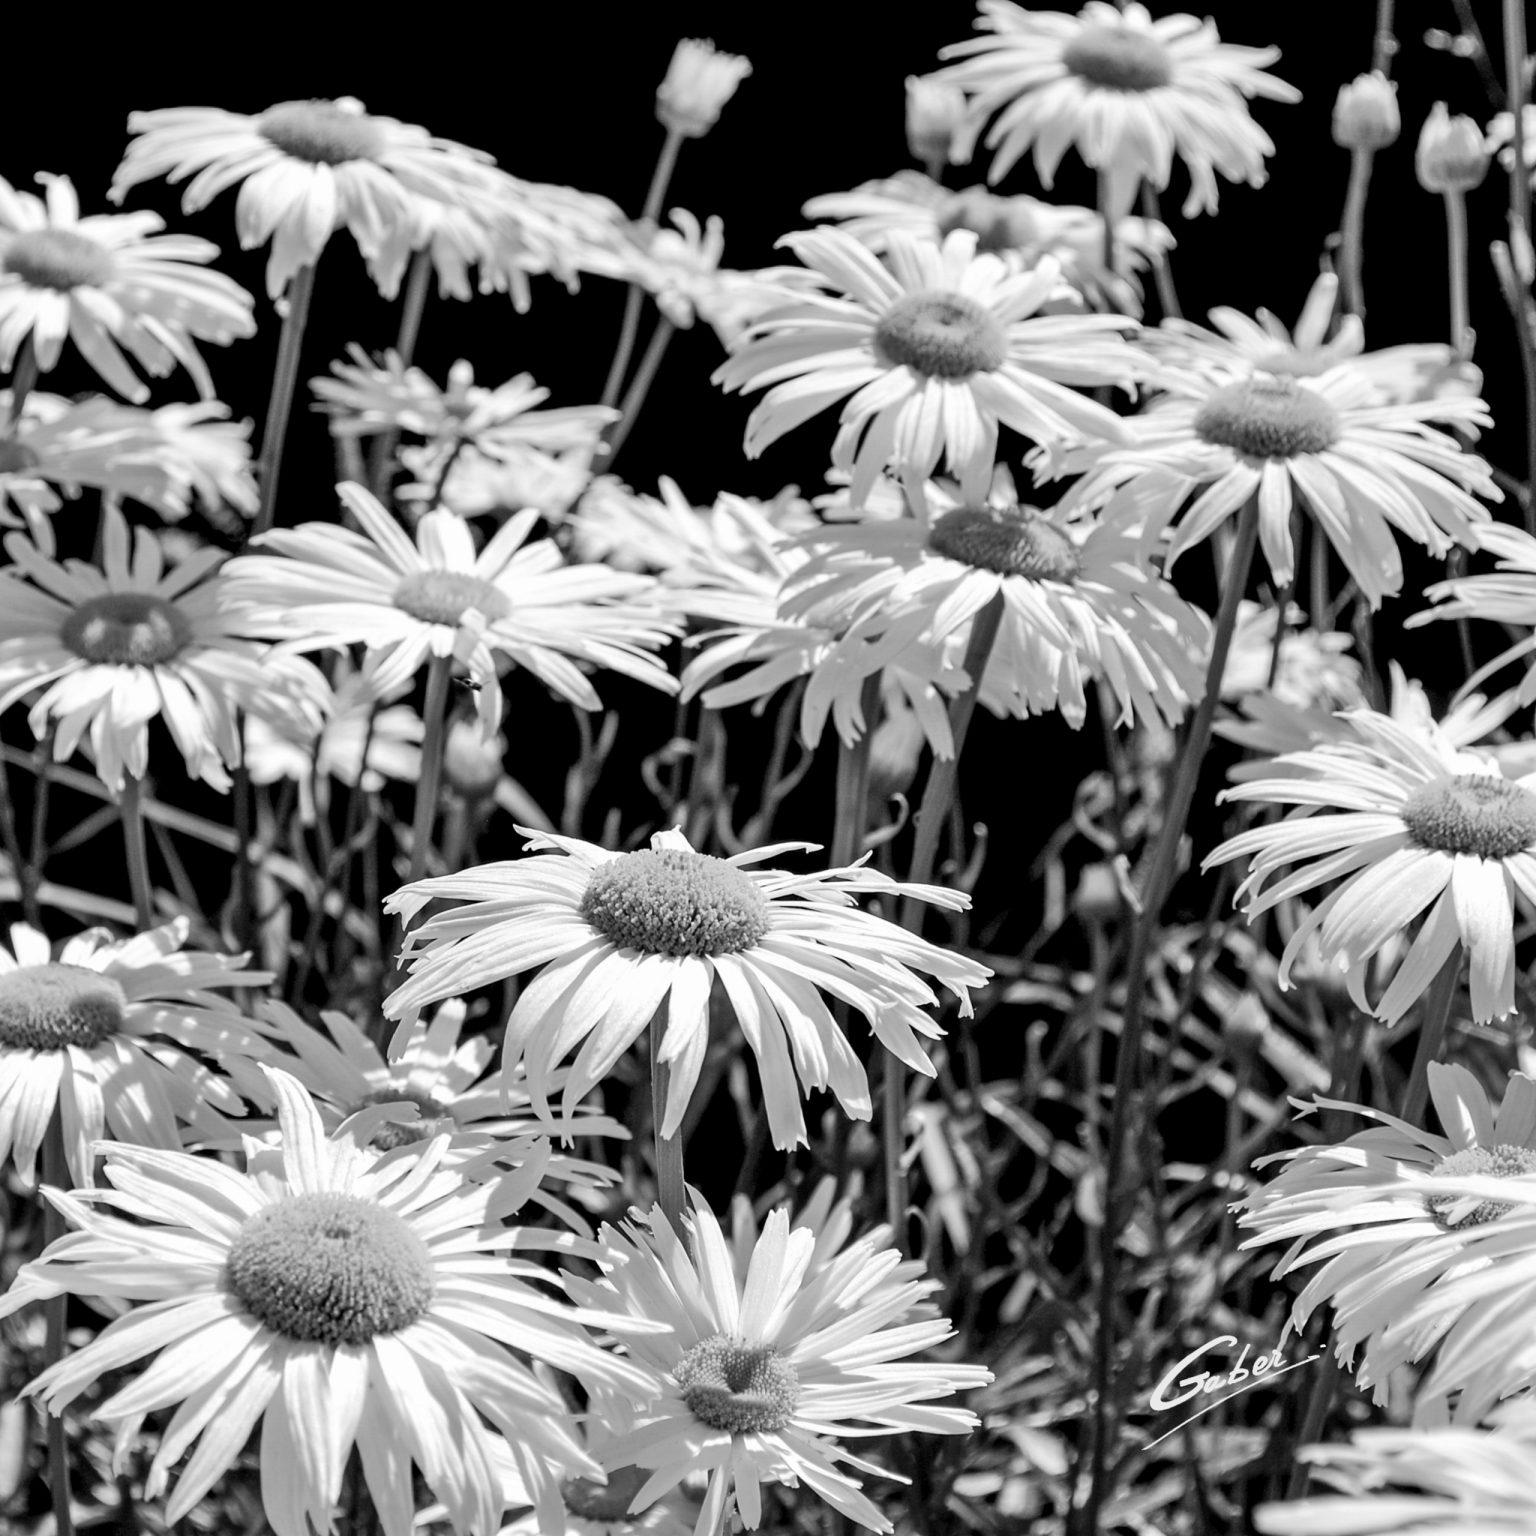 Daisies_(Bellis perennis)_29b_16x16_FINAL_GAB-BW08-F-054